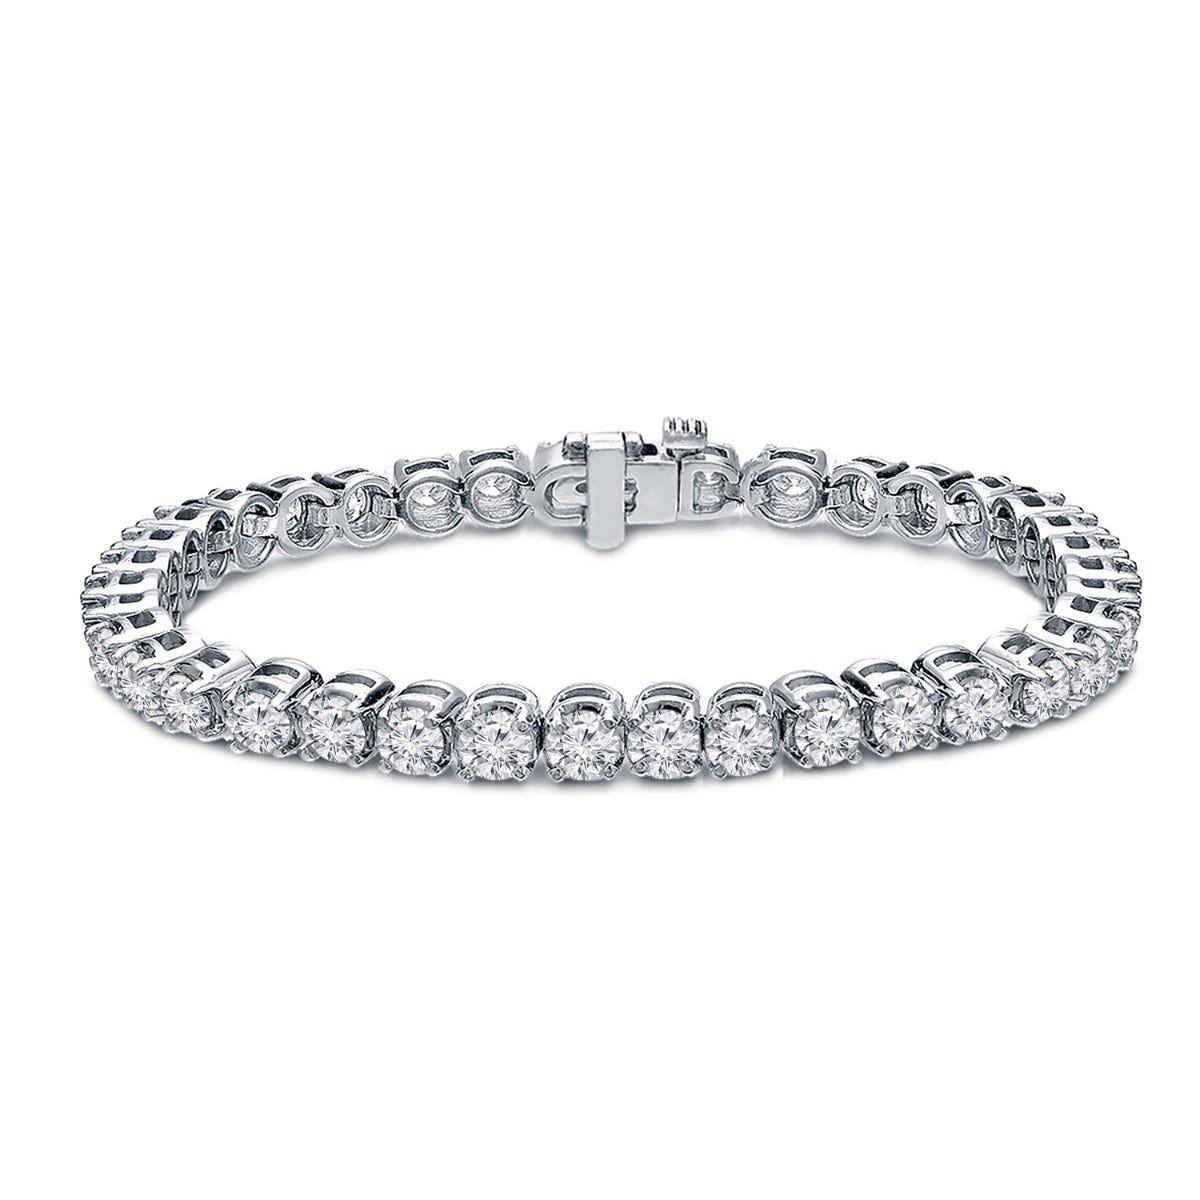 8ctw. 4-Prong Round Link Diamond Tennis Bracelet in 14K White Gold (JK, I2-I3)